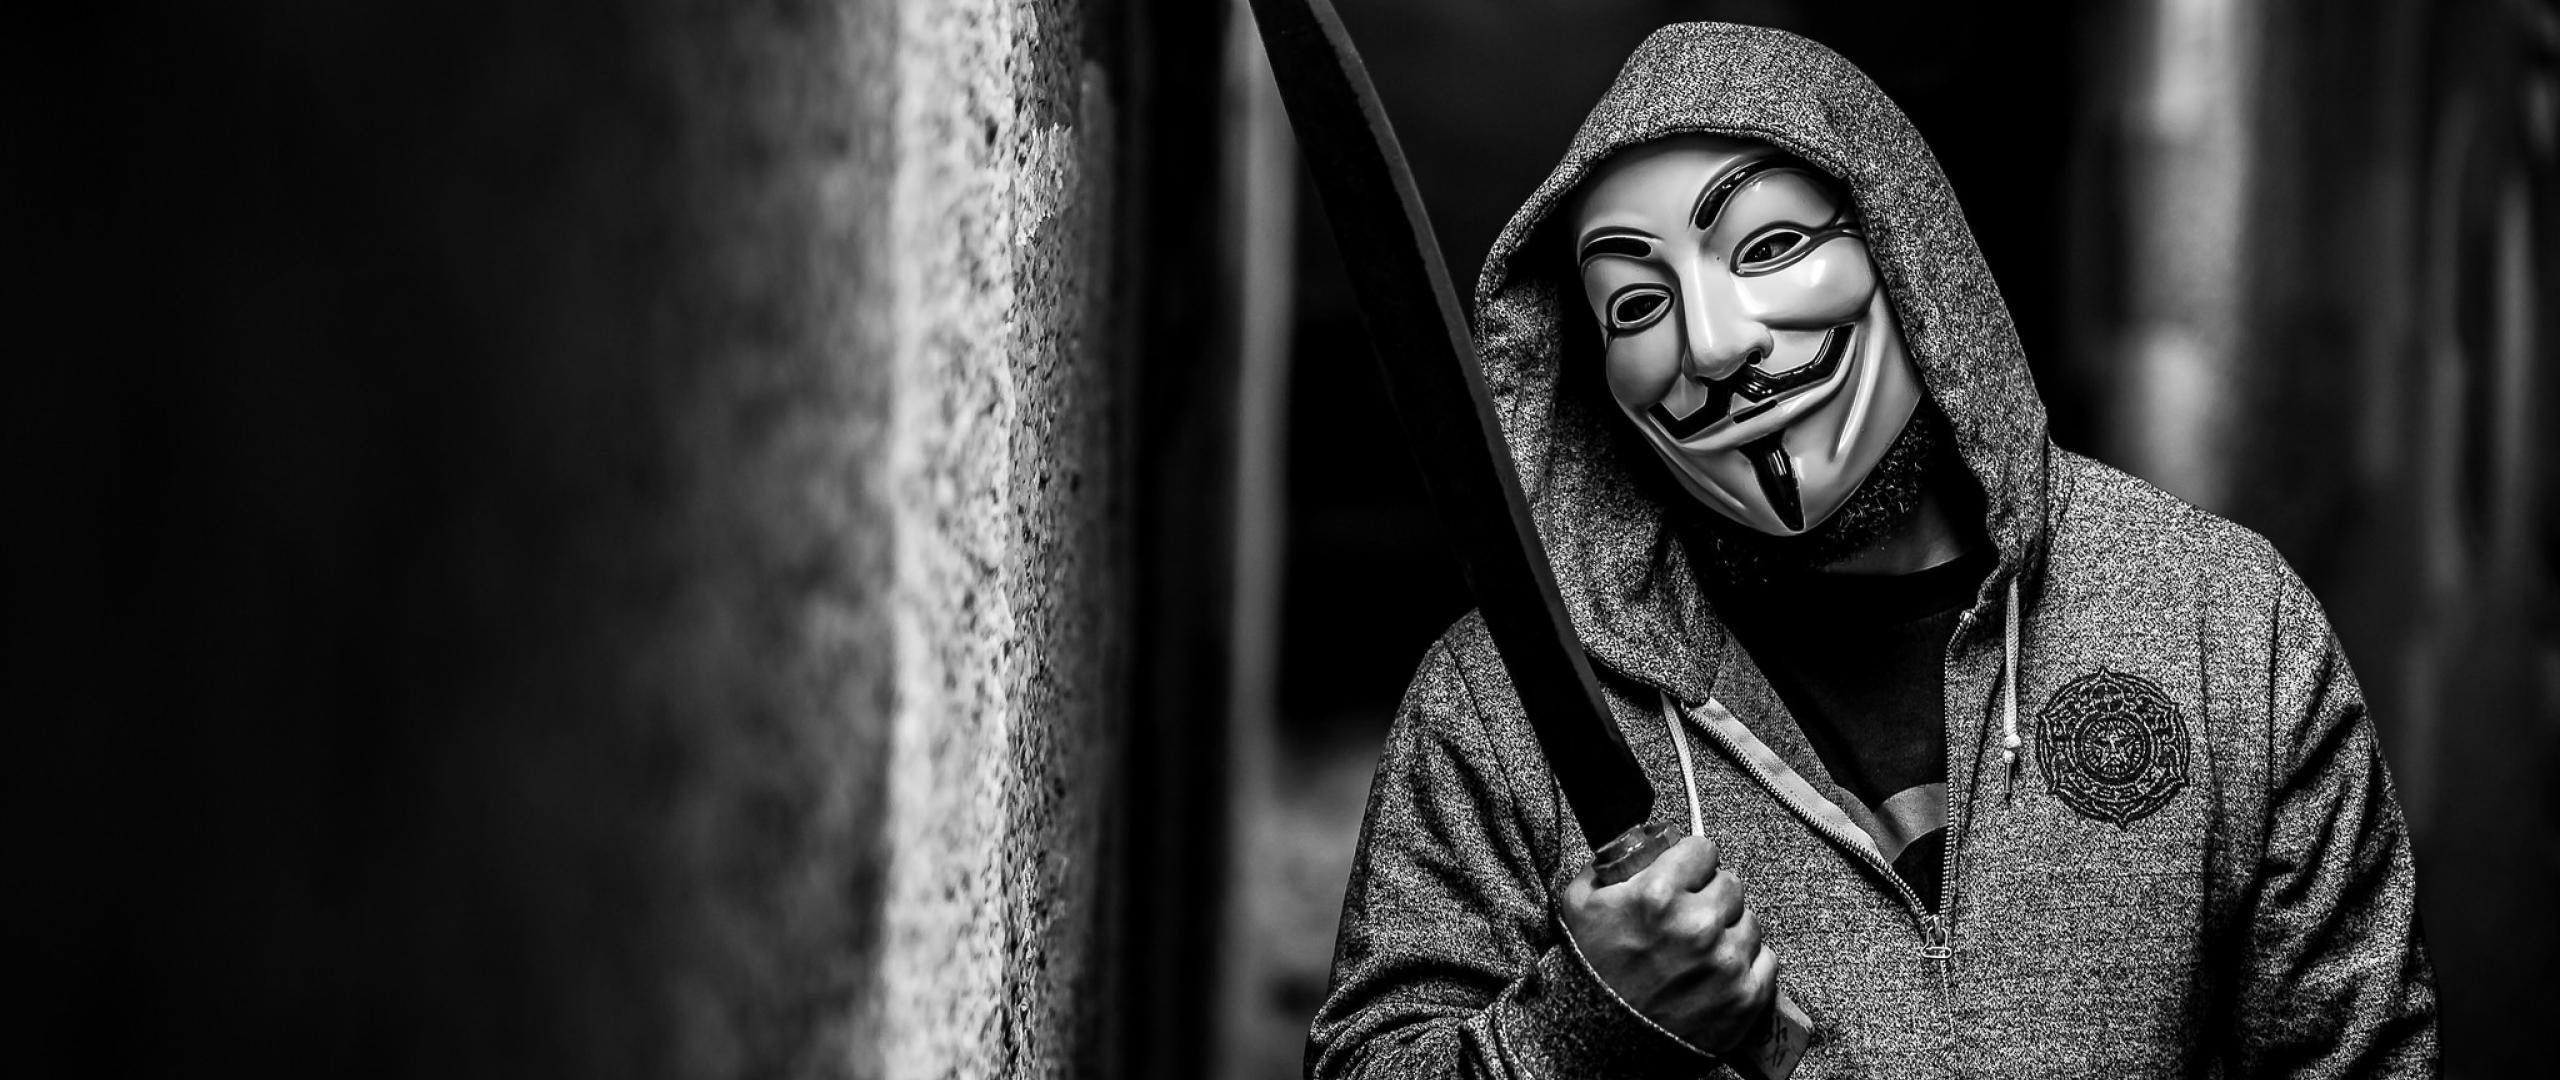 Крутые картинки чуваков в масках